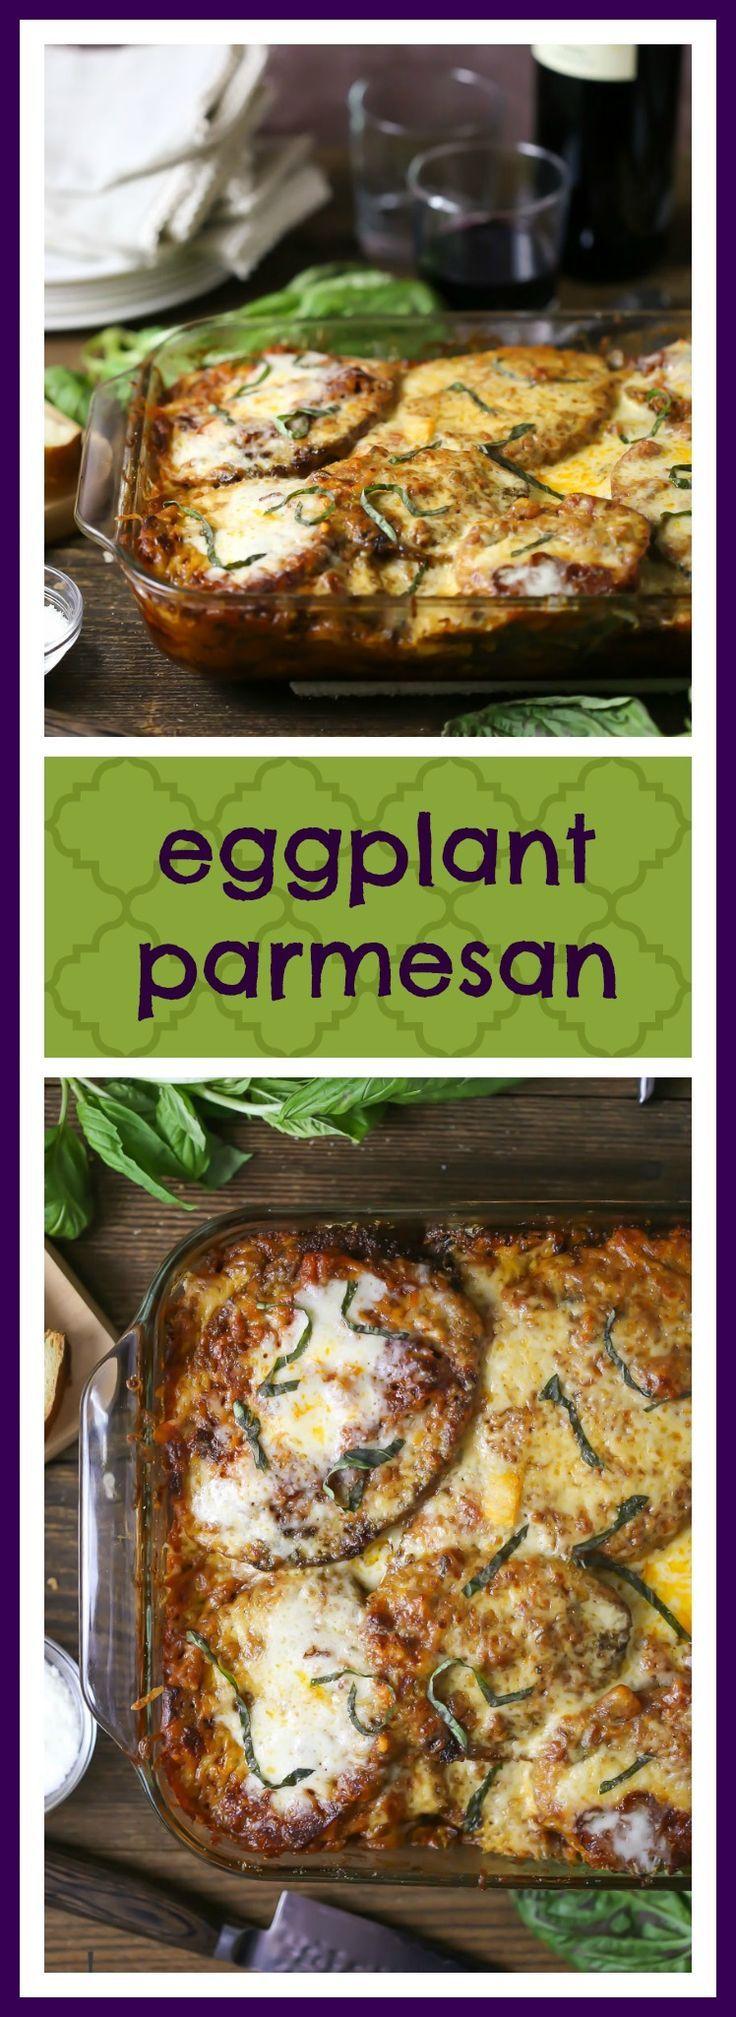 Eggplant Parmesan Recipe Food Recipes Cooking Recipes